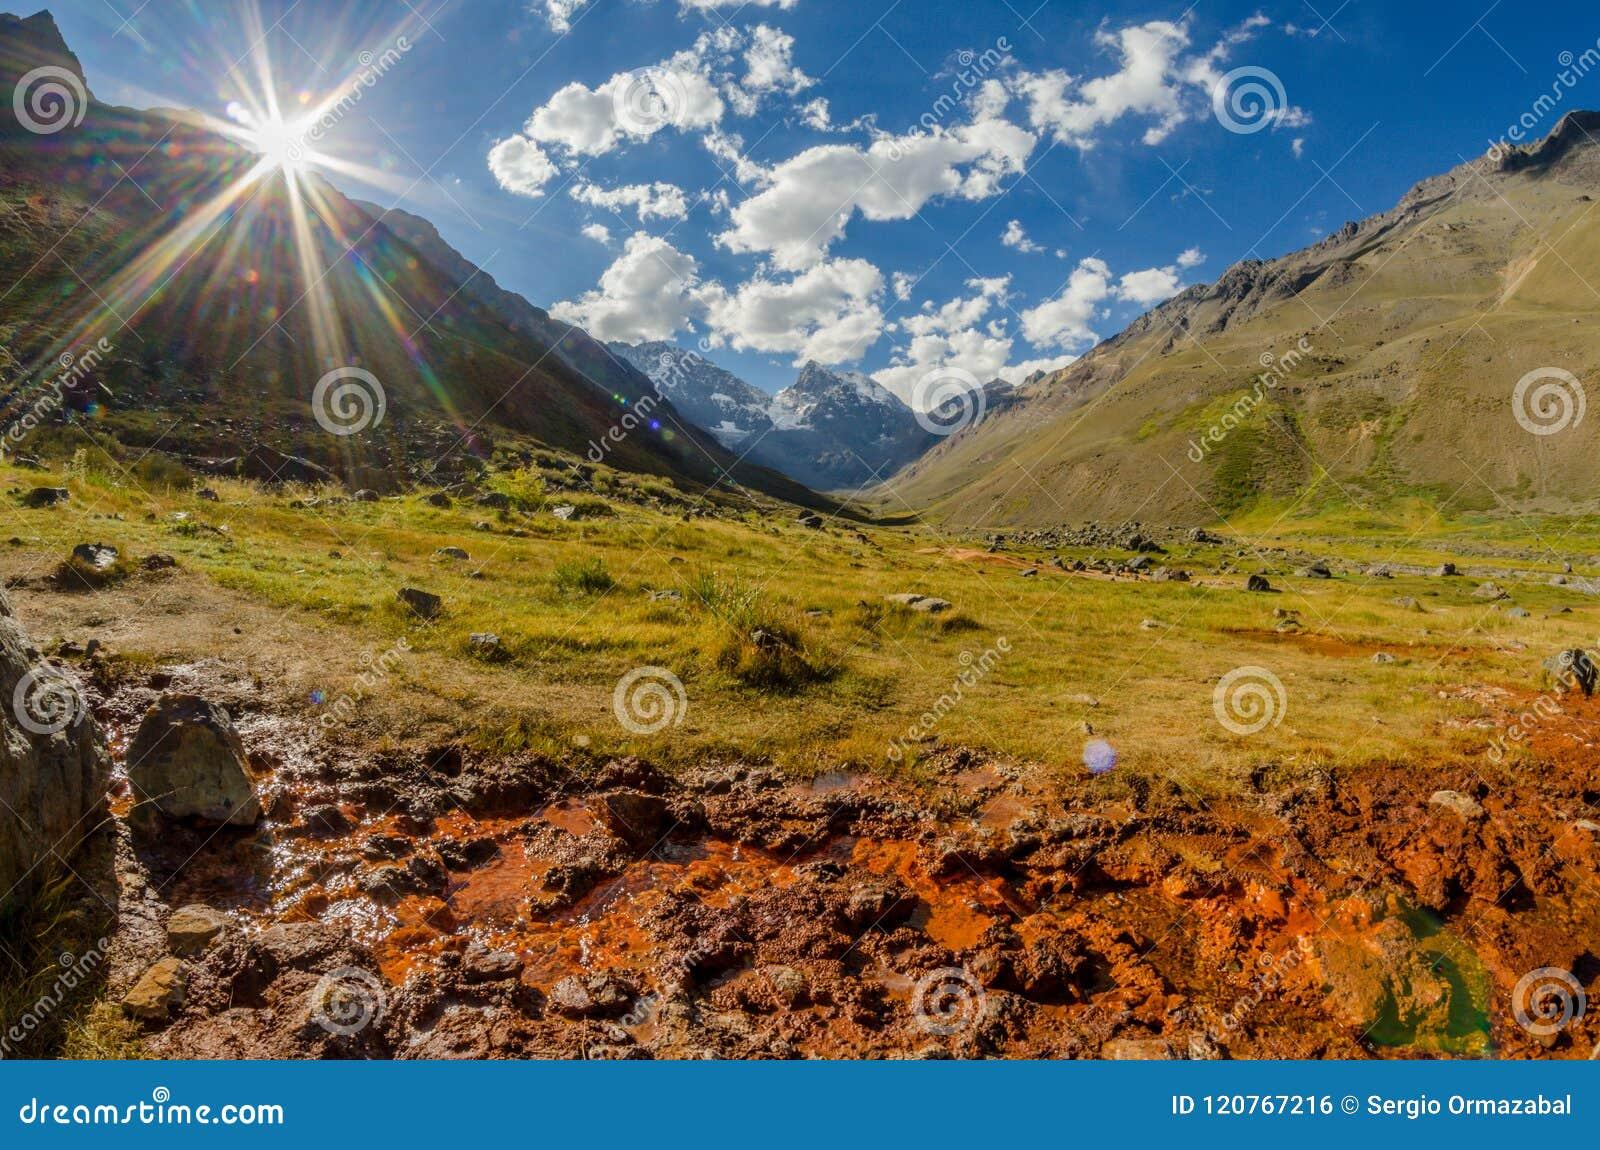 Paisaje de la cordillera con el valle verde iluminado por la luz del sol, el cielo azul con las nubes y un pequeño canal de agua